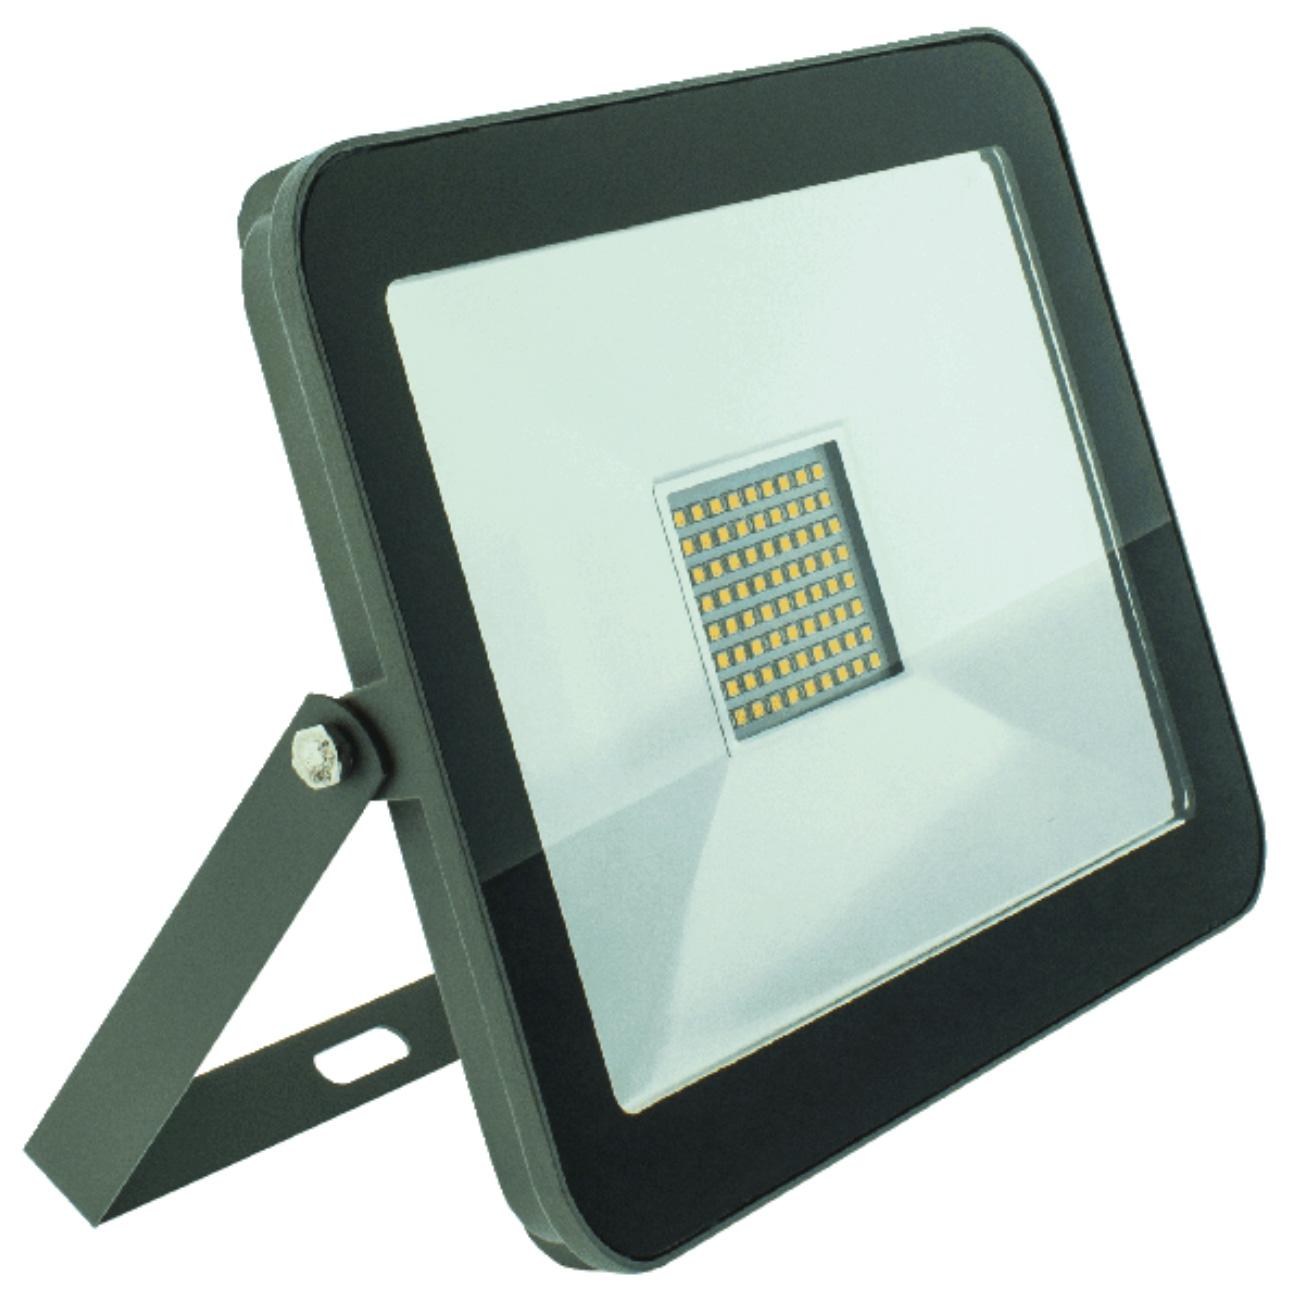 Прожектор светодиодный уличный цена в саратове